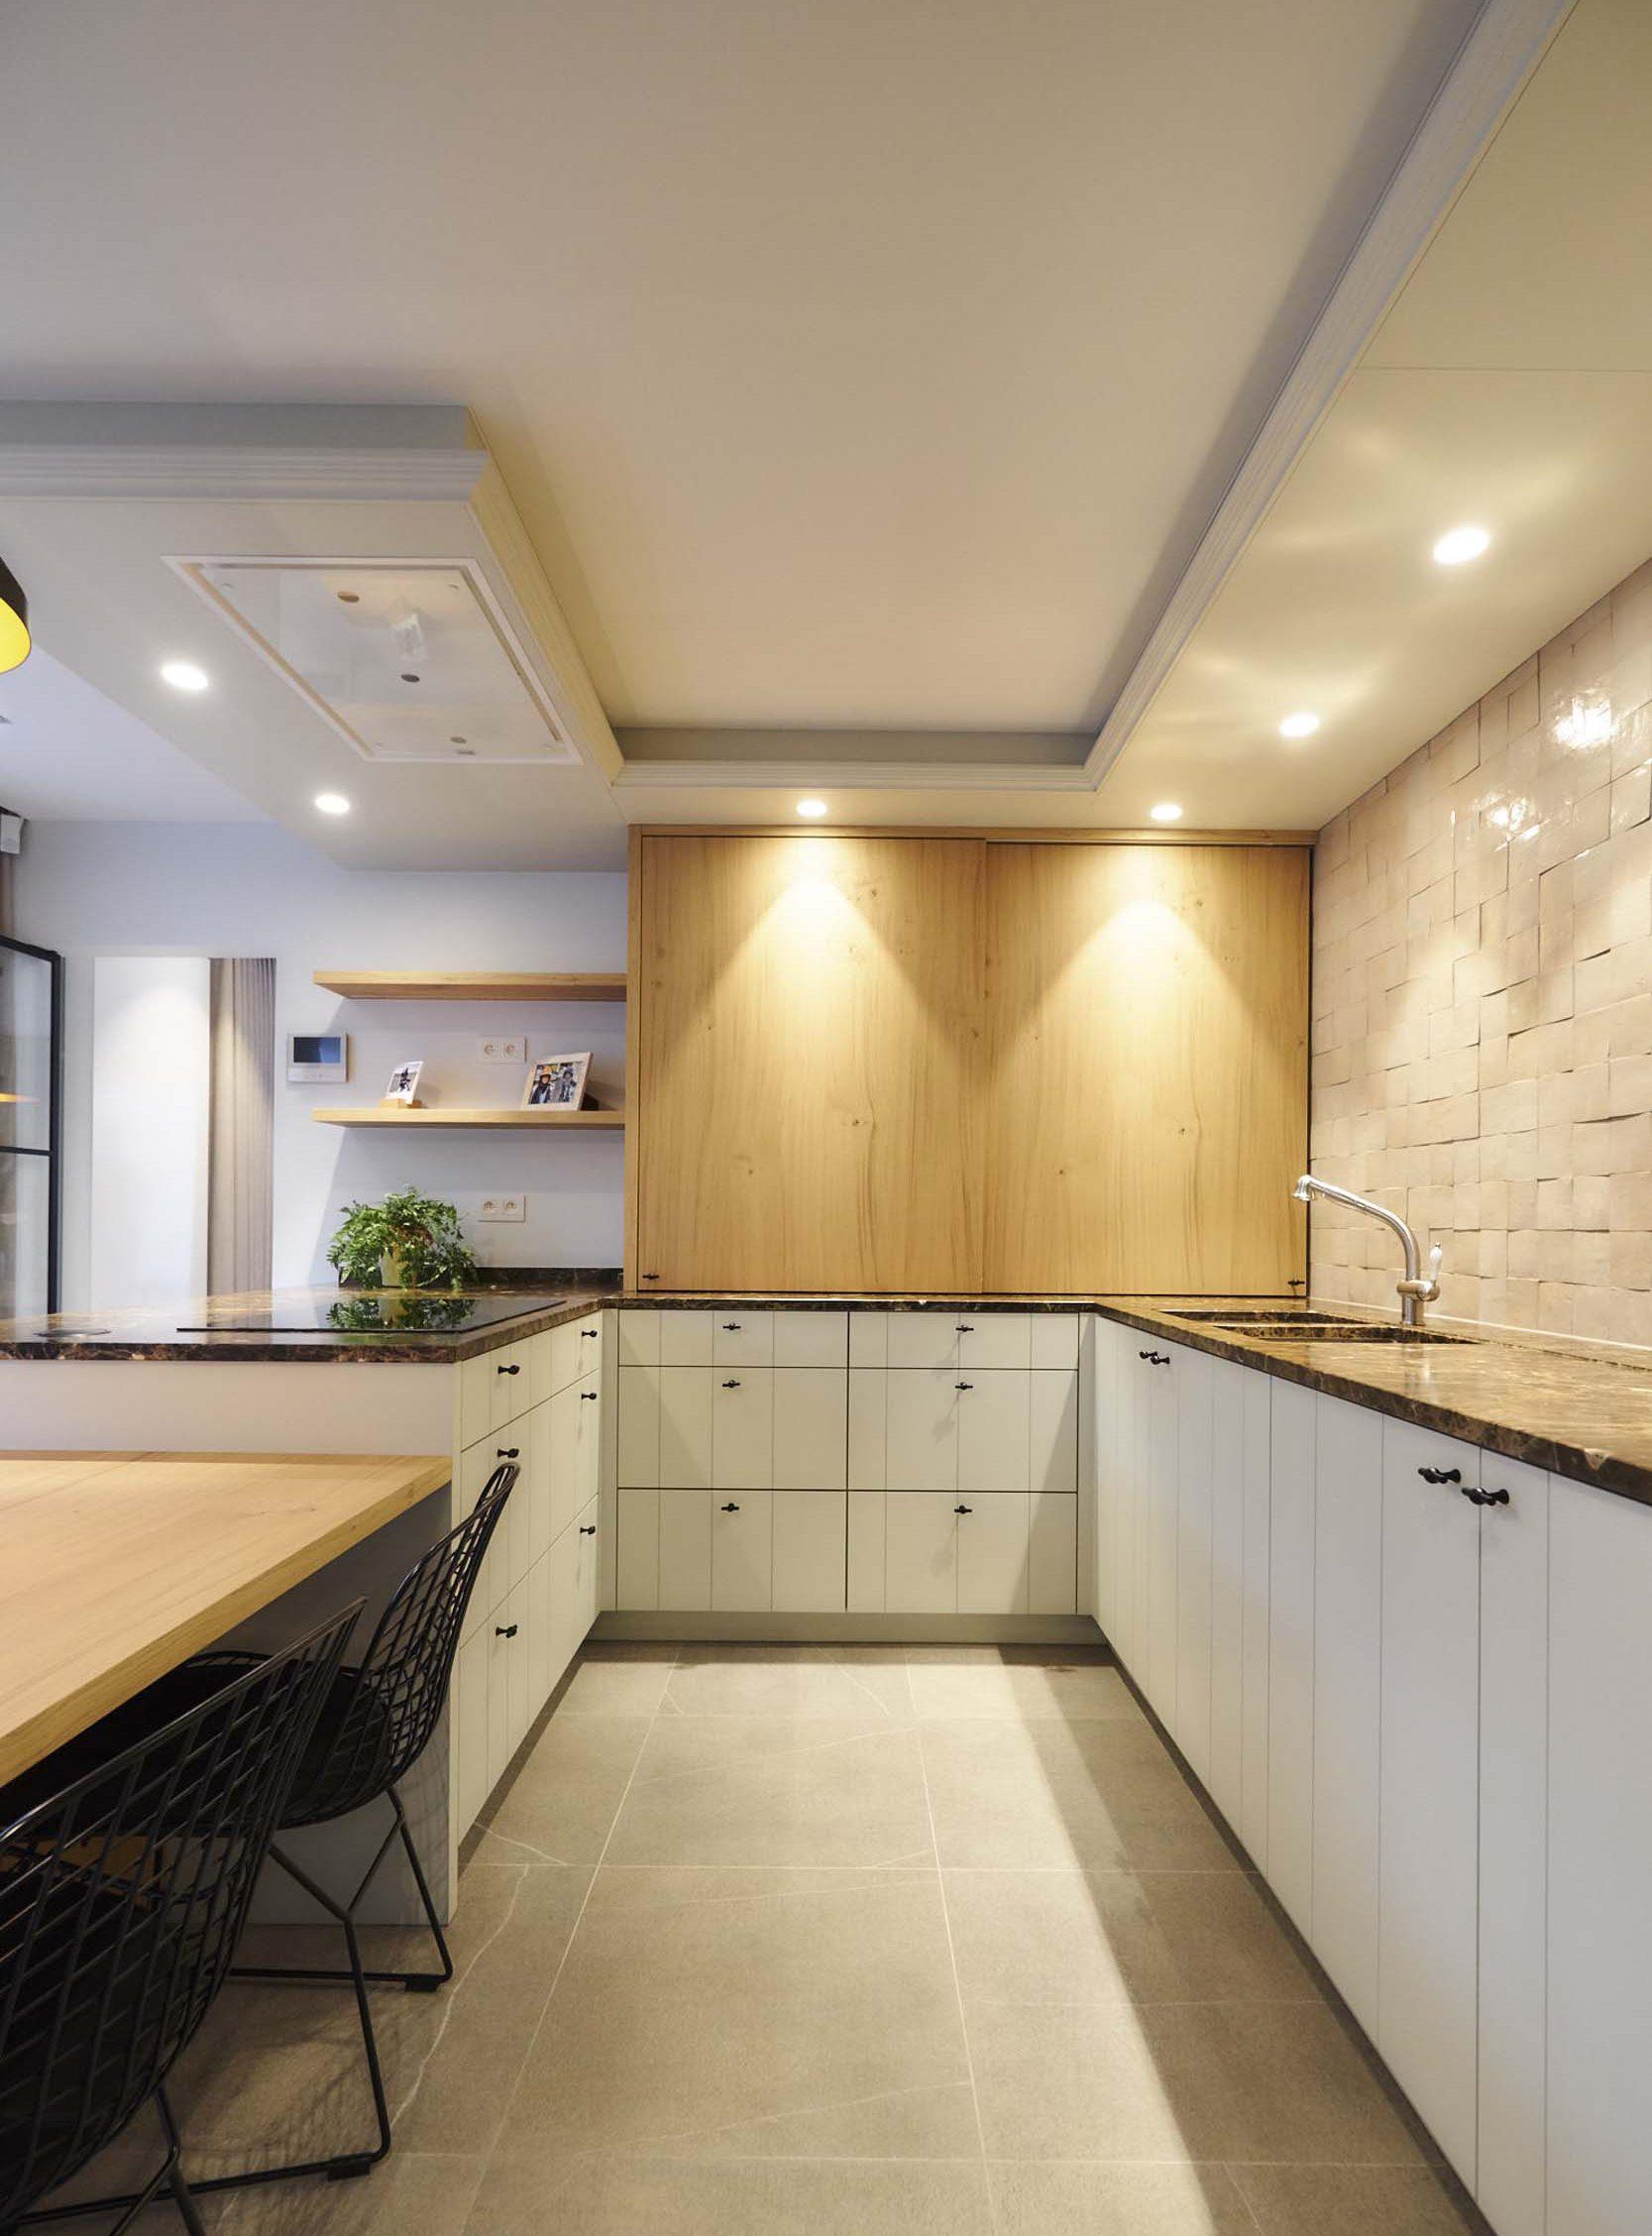 Vanda-projects-interieurinrichting-meubelmakerij-oost-vlaanderen-vilez-houtenkast